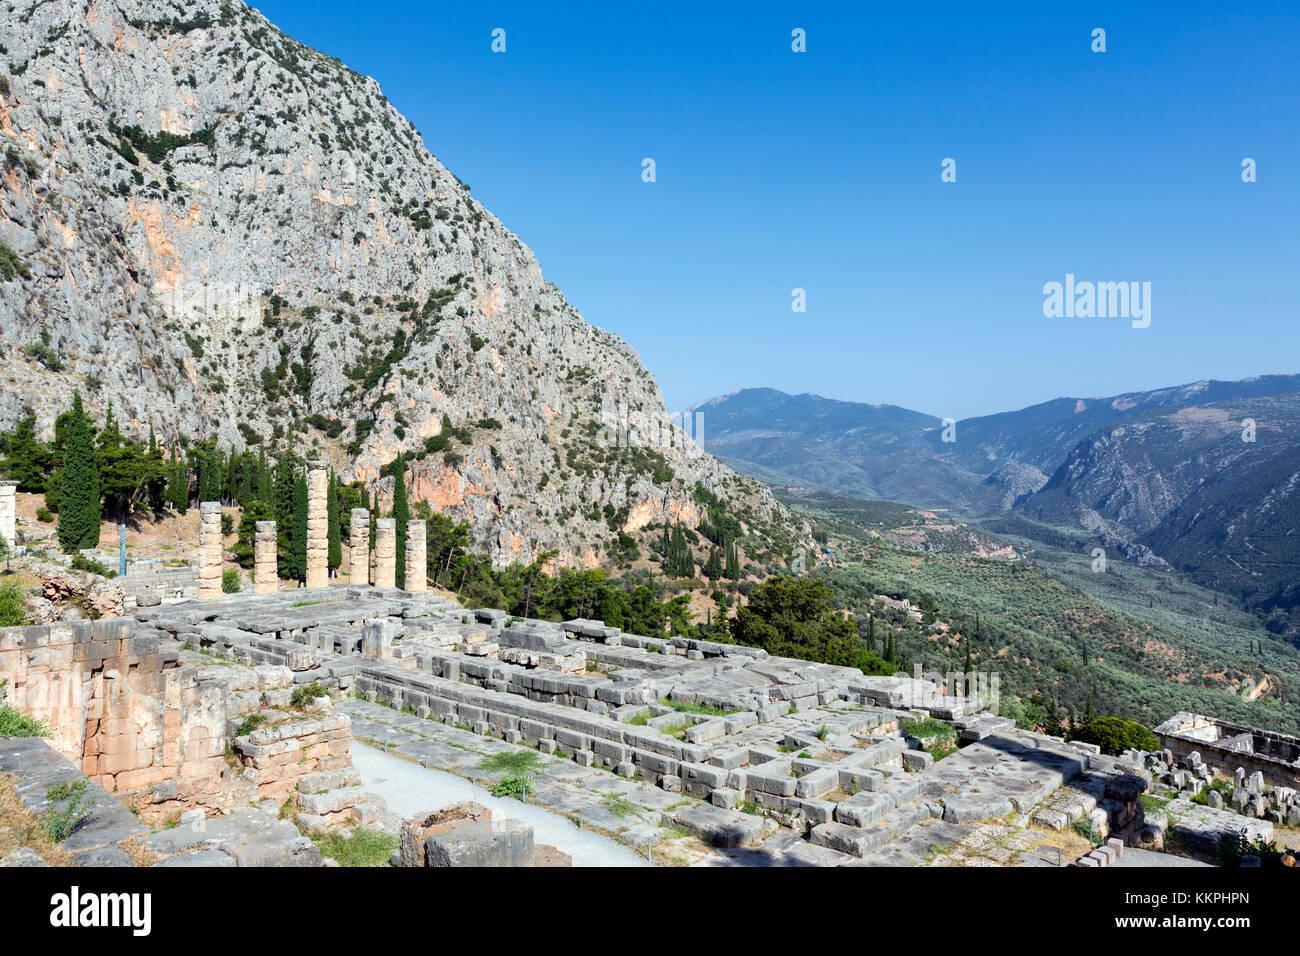 View over the Temple of Apollo, Delphi, Greece Stock Photo